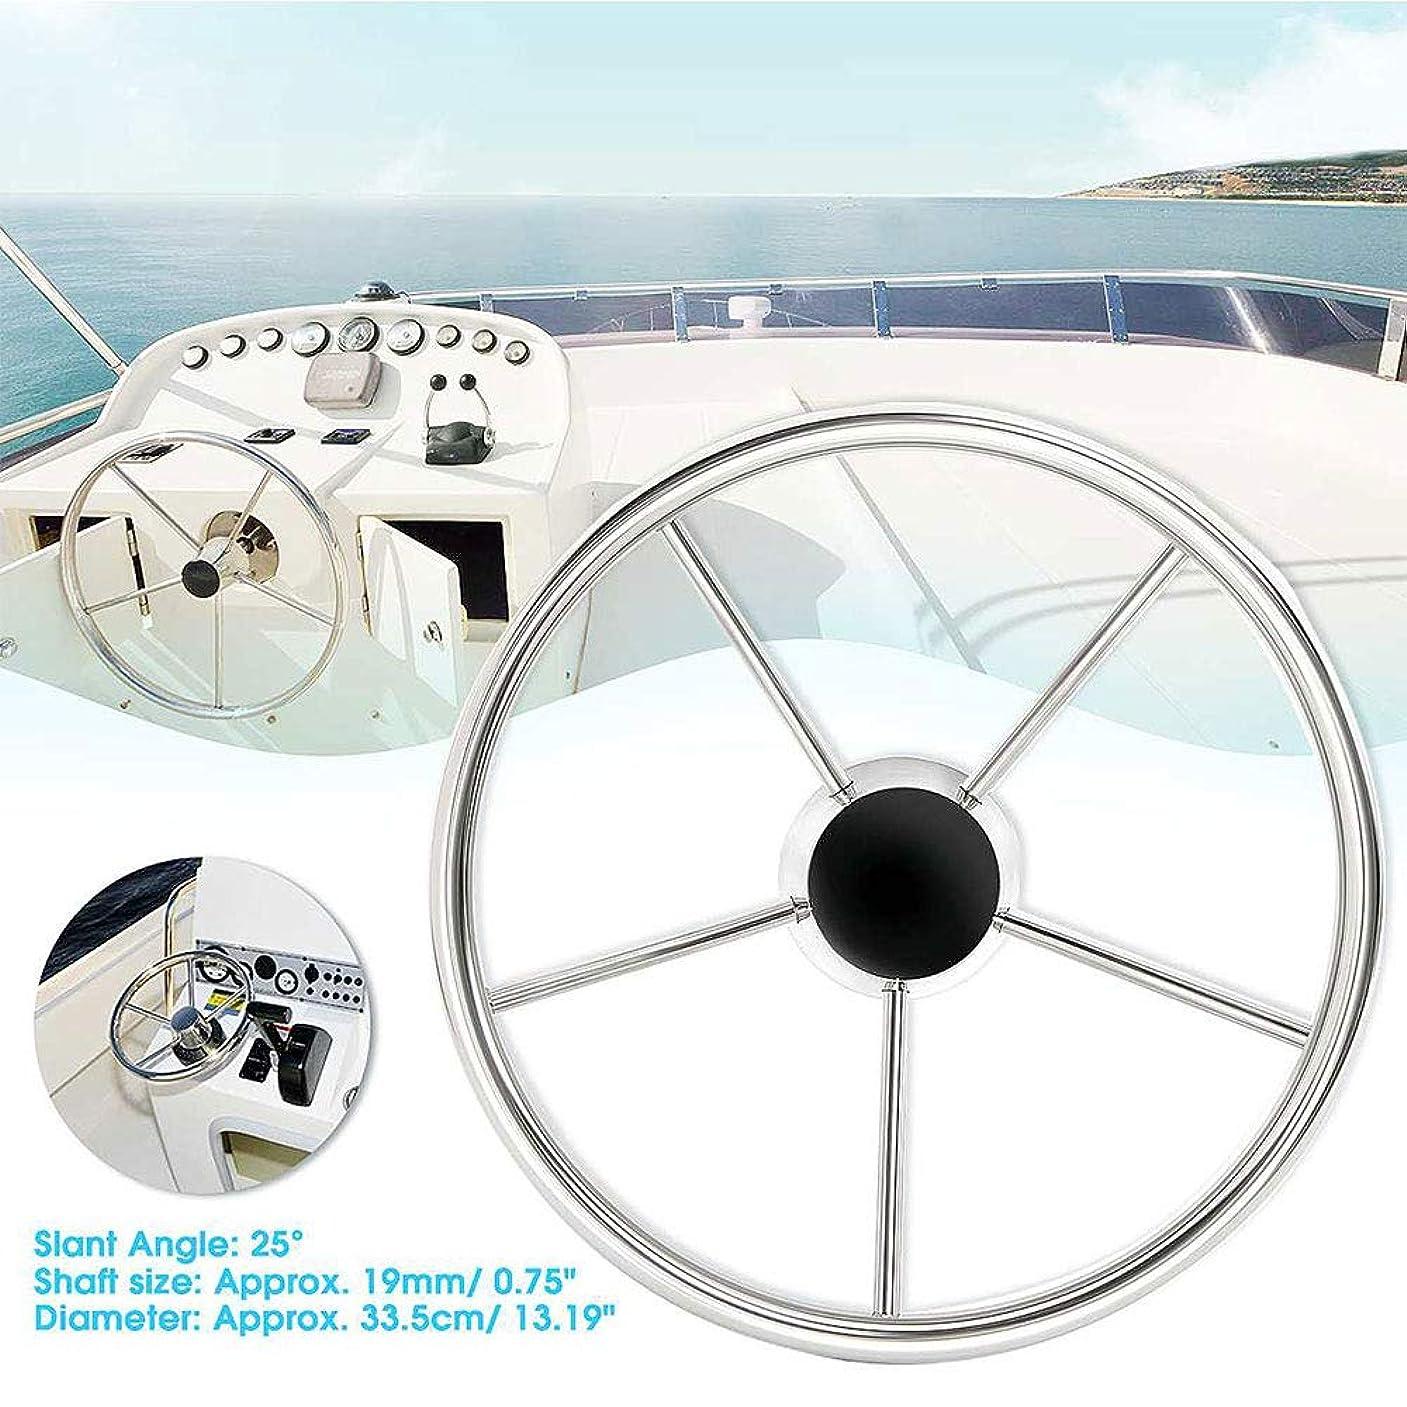 突然法廷インタフェースマリンステアリングホイール ステンレススチールボディ表面仕上げ、ヨット、スピードボート、漁船用の標準3/4インチテーパーシャフト。